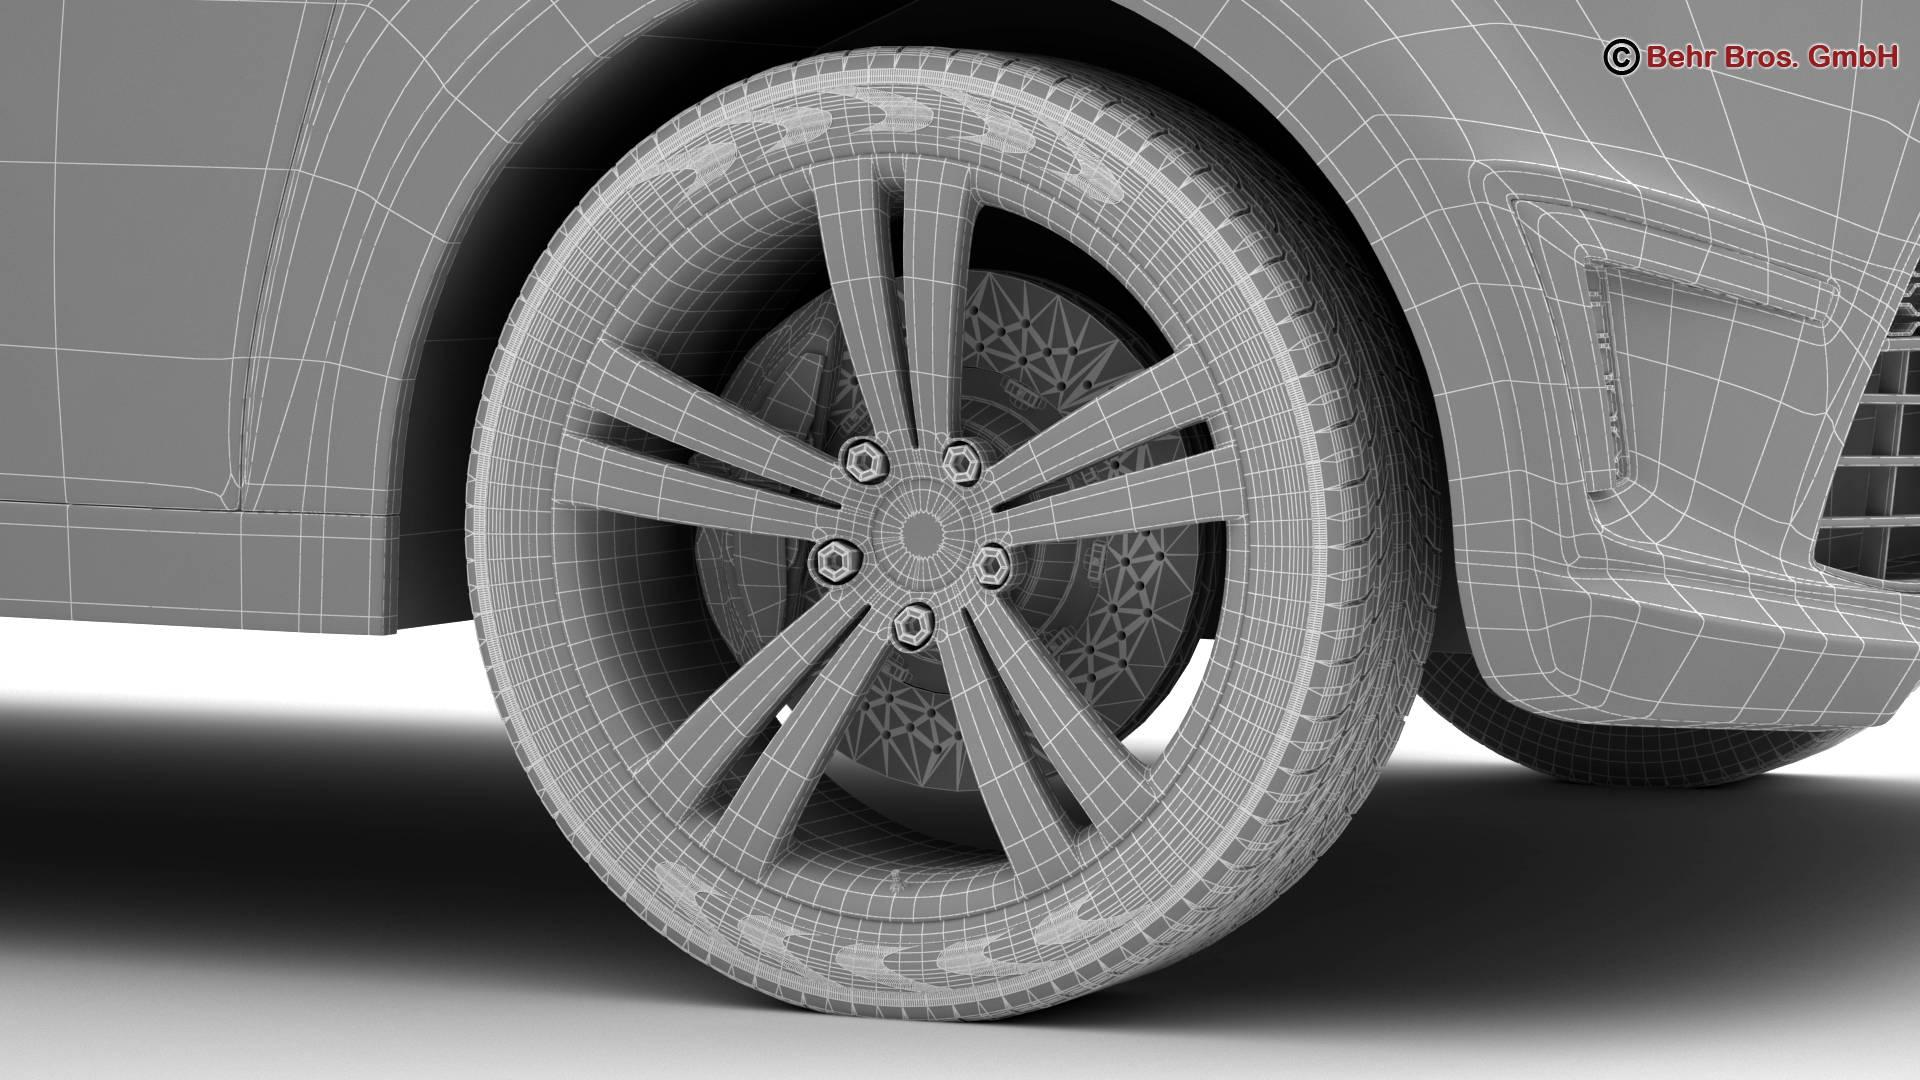 generic city car 3d model 3ds max fbx c4d lwo ma mb obj 209055